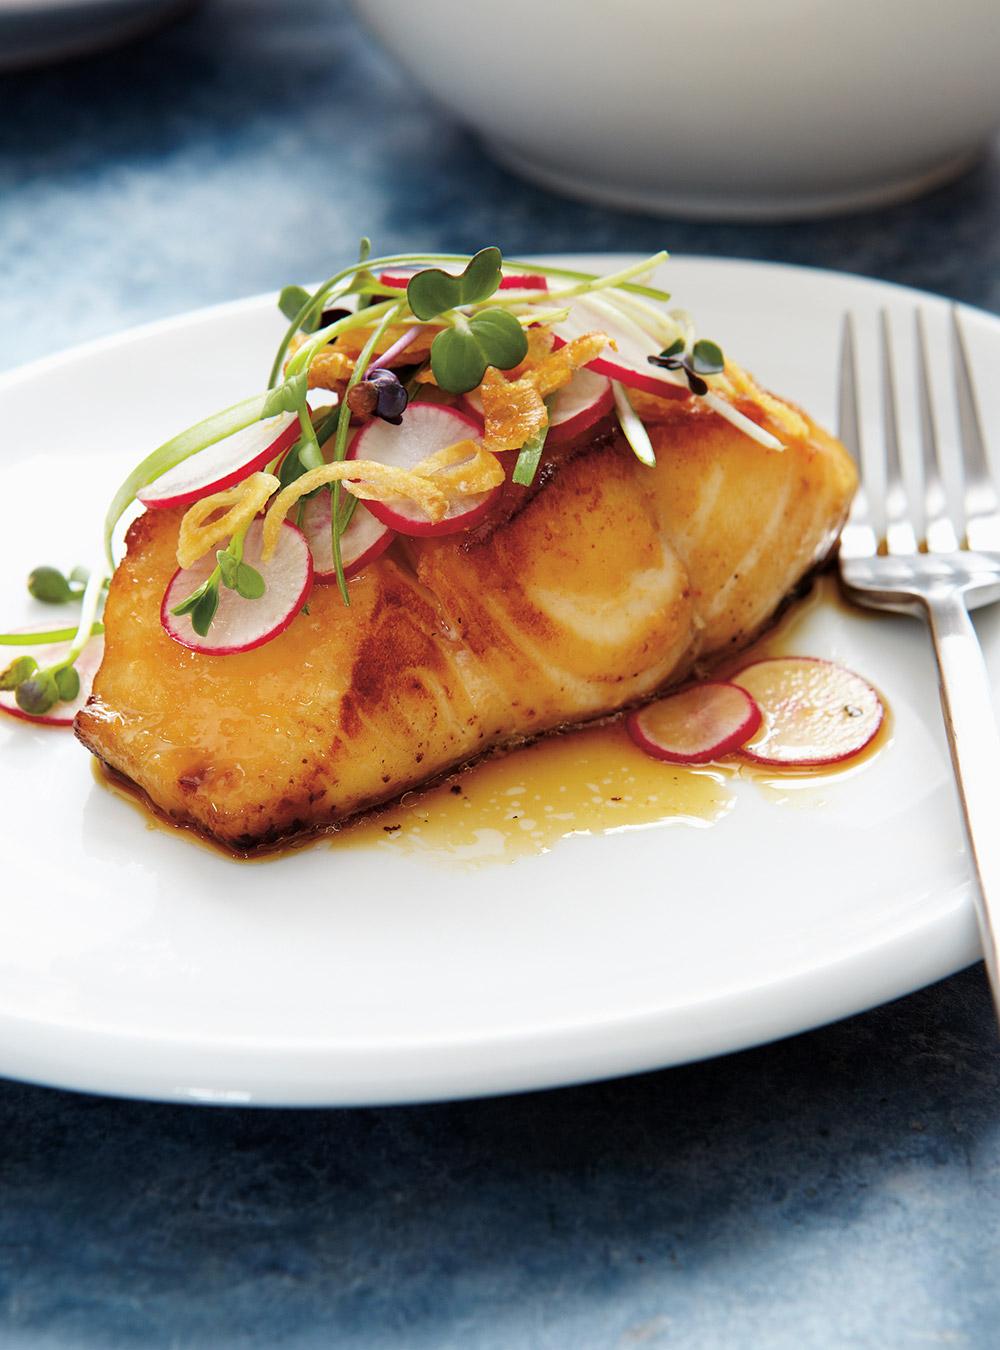 Saumon grill la m diterran enne recettes ricardo recette - France 2 cuisinez comme un chef ...